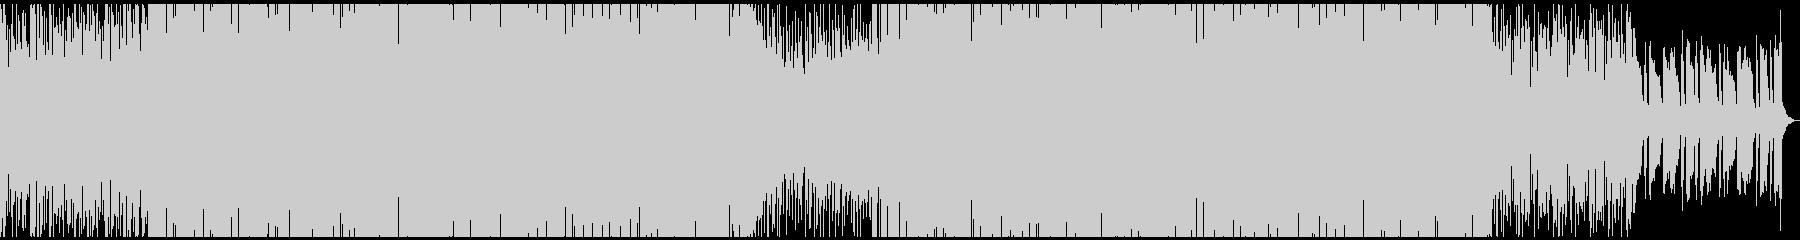 ノリの良いベースラインのフュージョンの未再生の波形